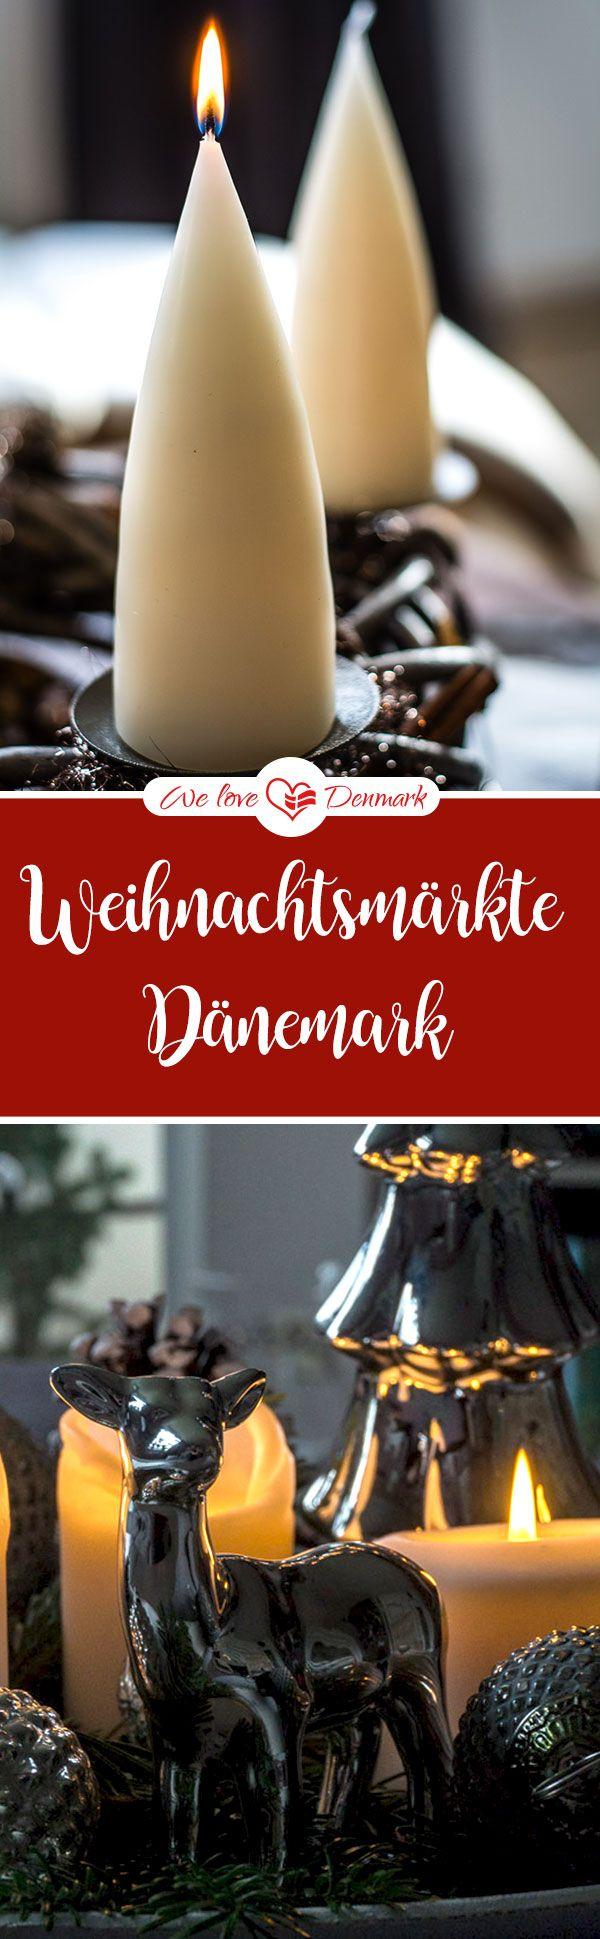 Weihnachtsmärkte in Dänemark